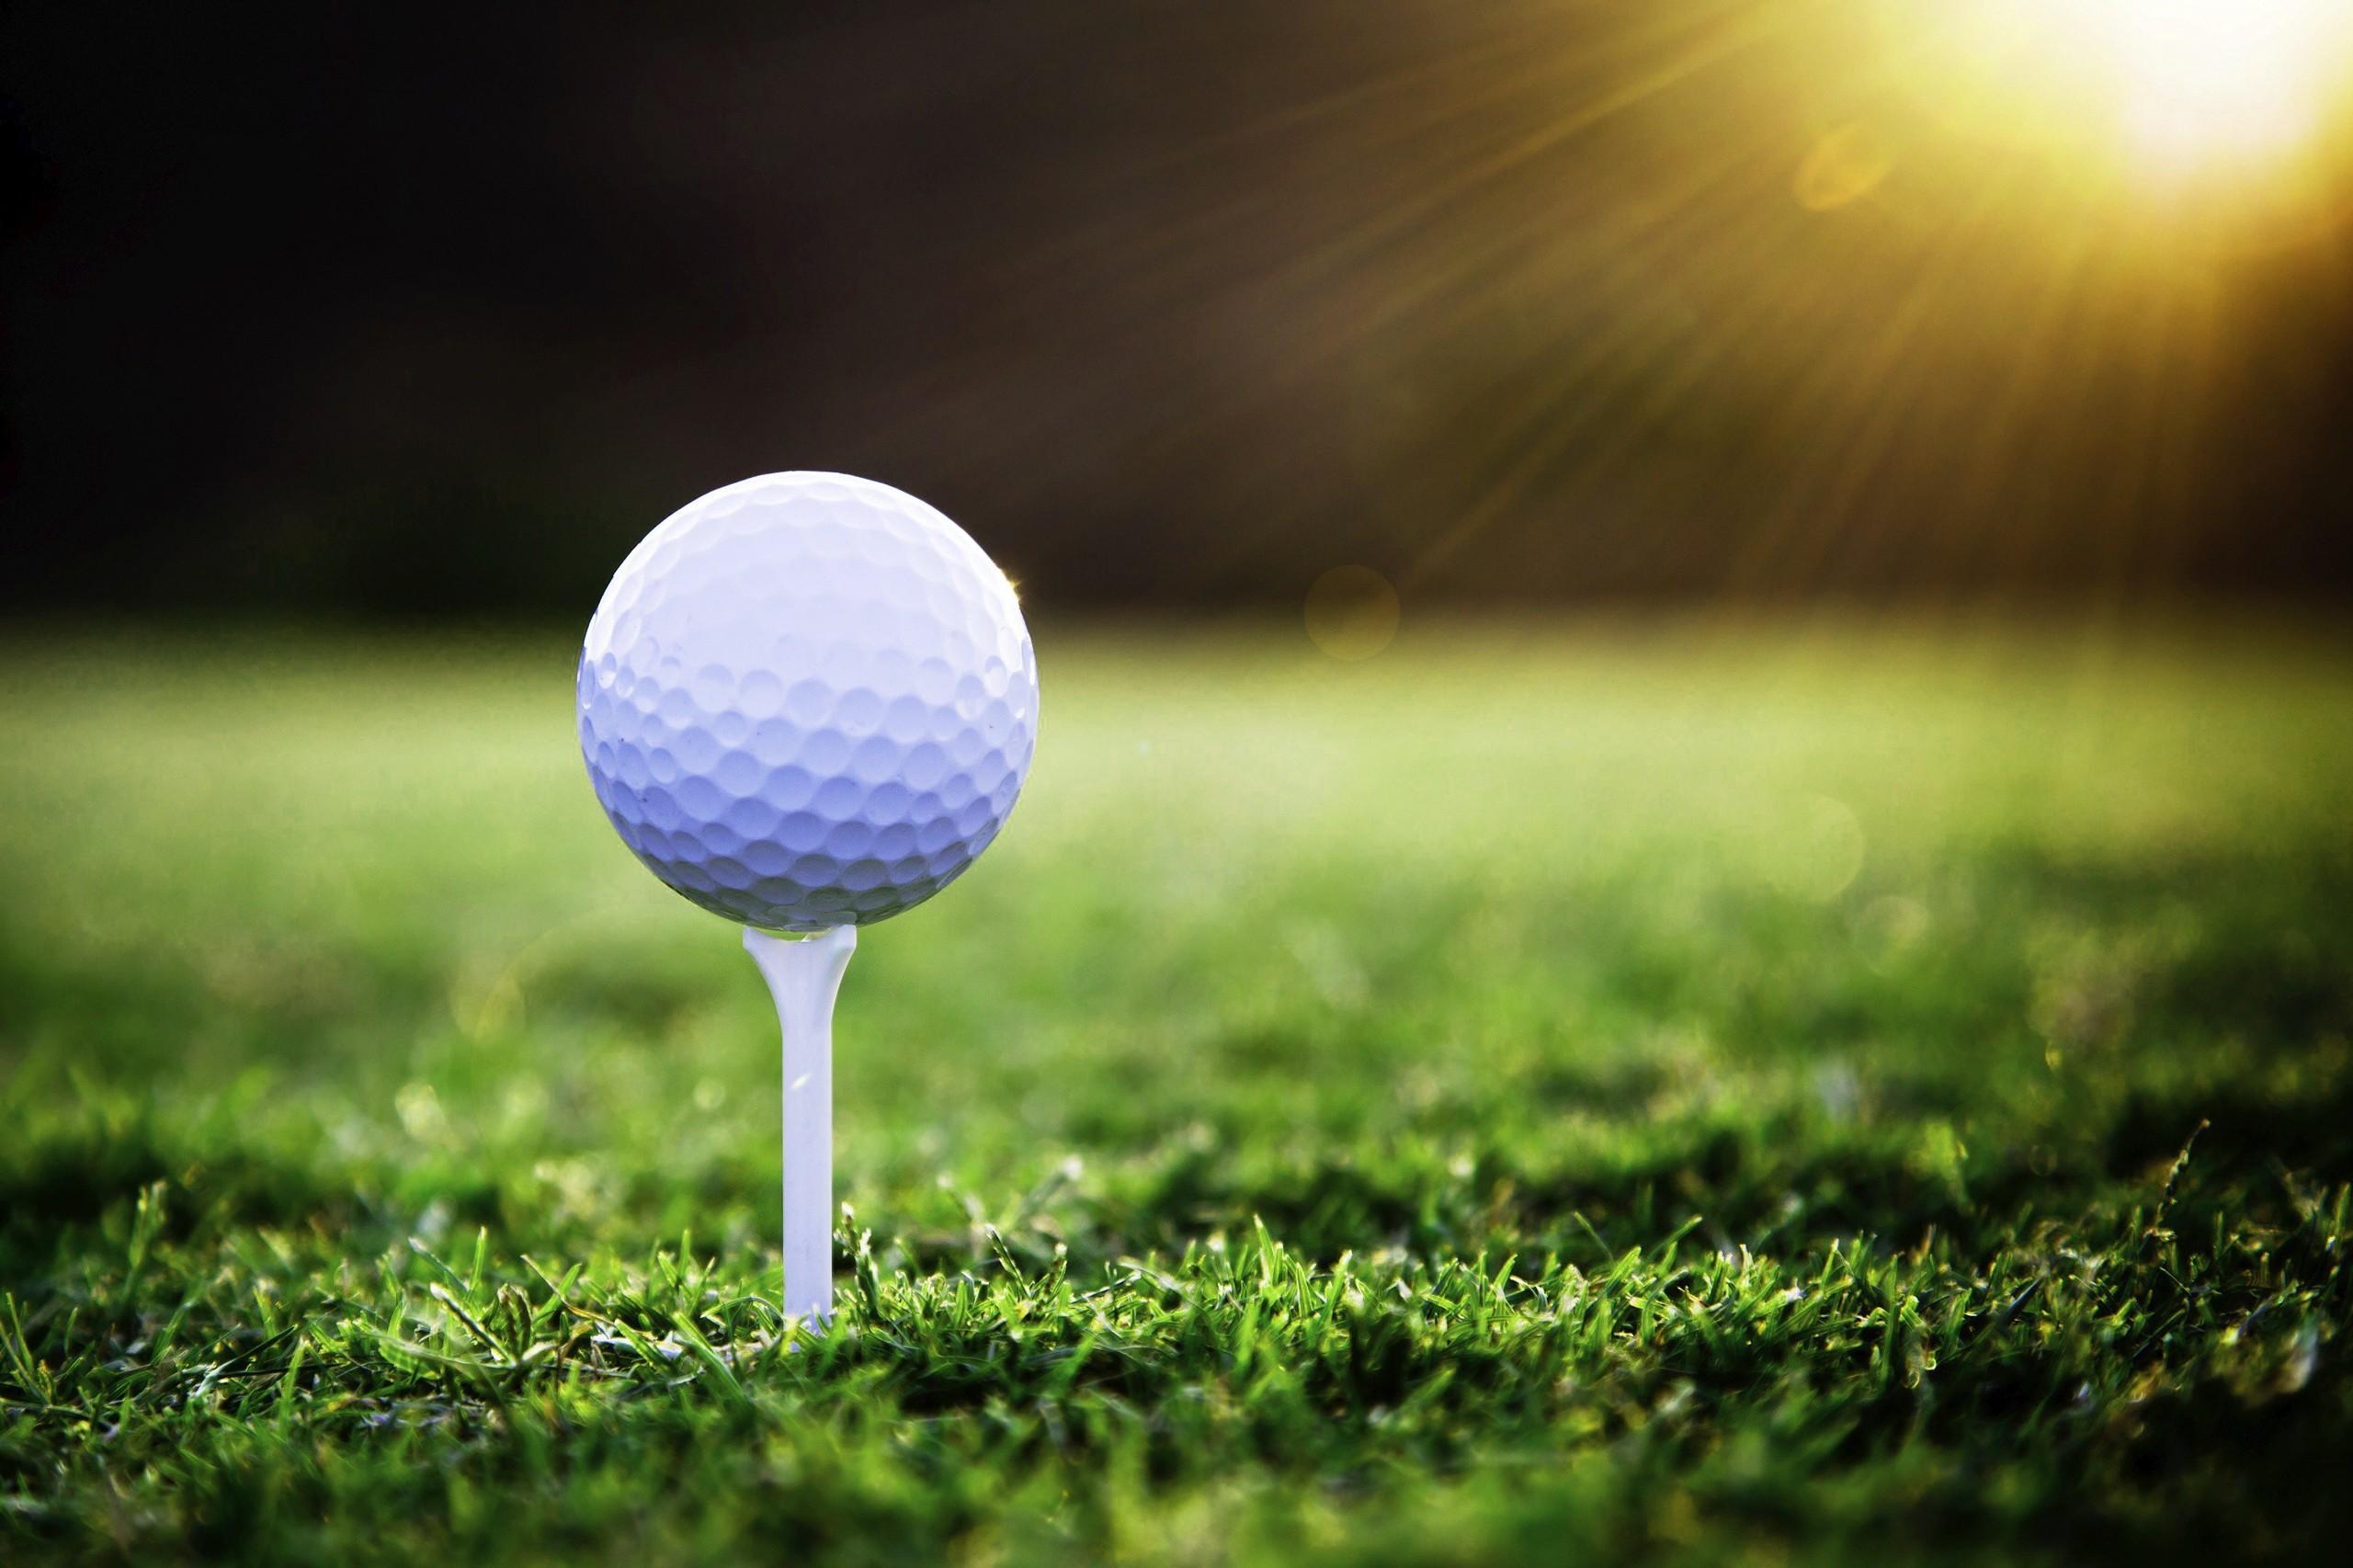 Golf Ball New HD Wallpaper – New HD Wallpapers